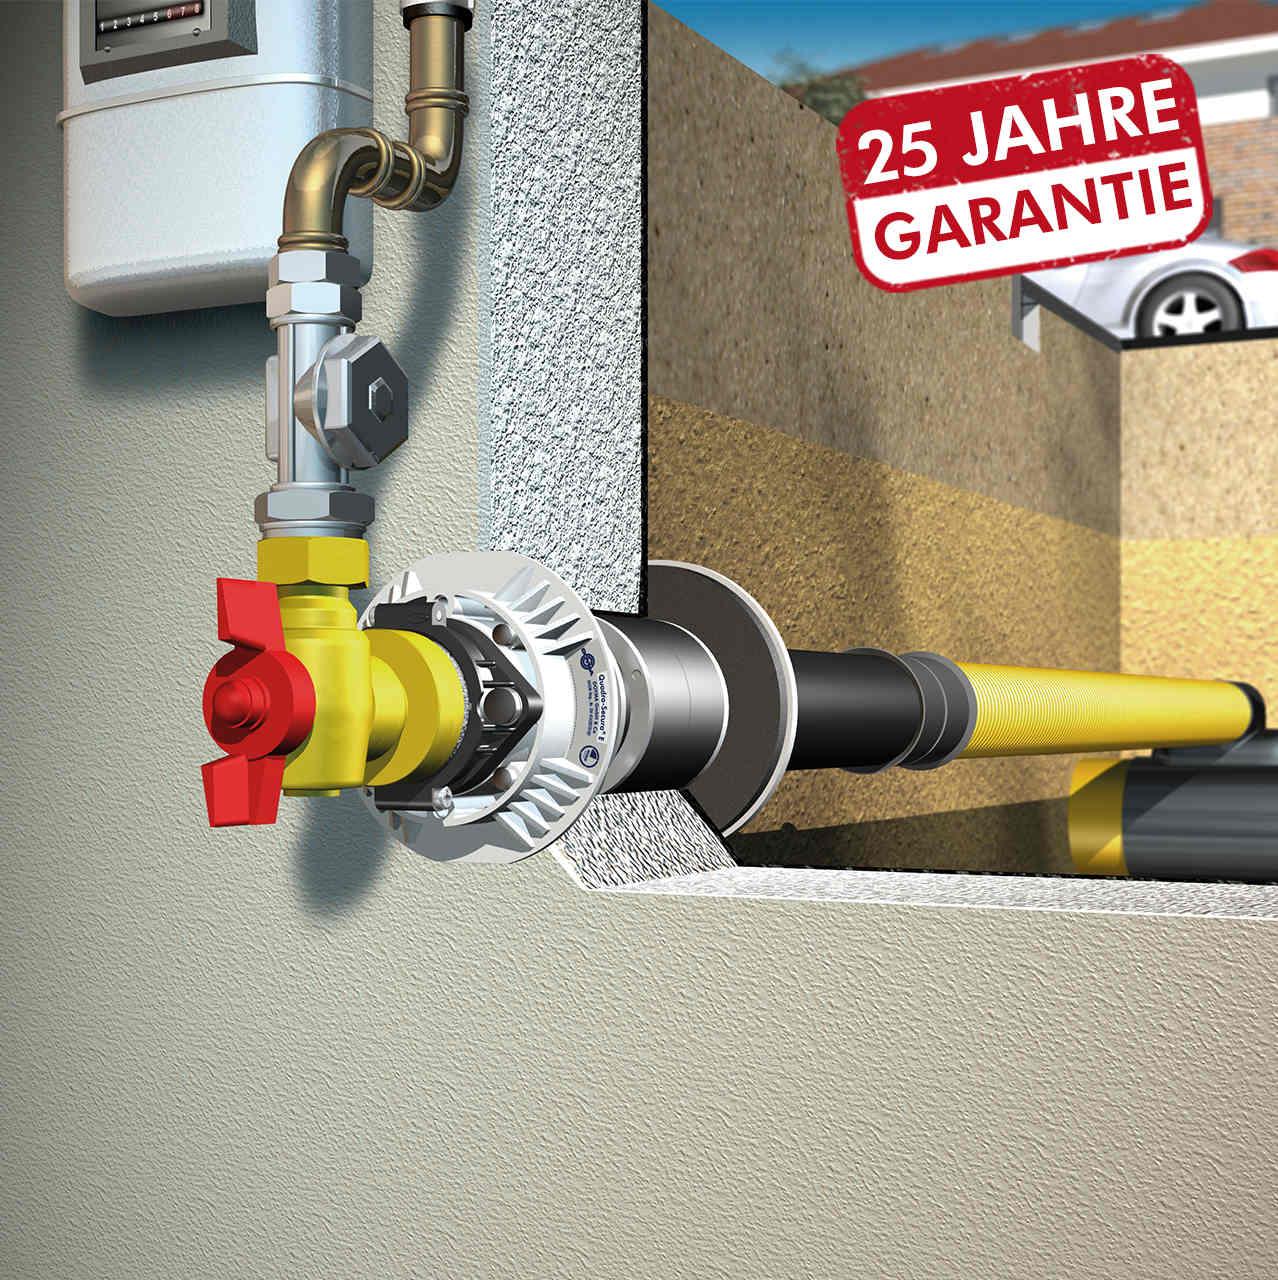 DOYMA Einsparte (Gas) Bauherrenpaket (mit Keller)